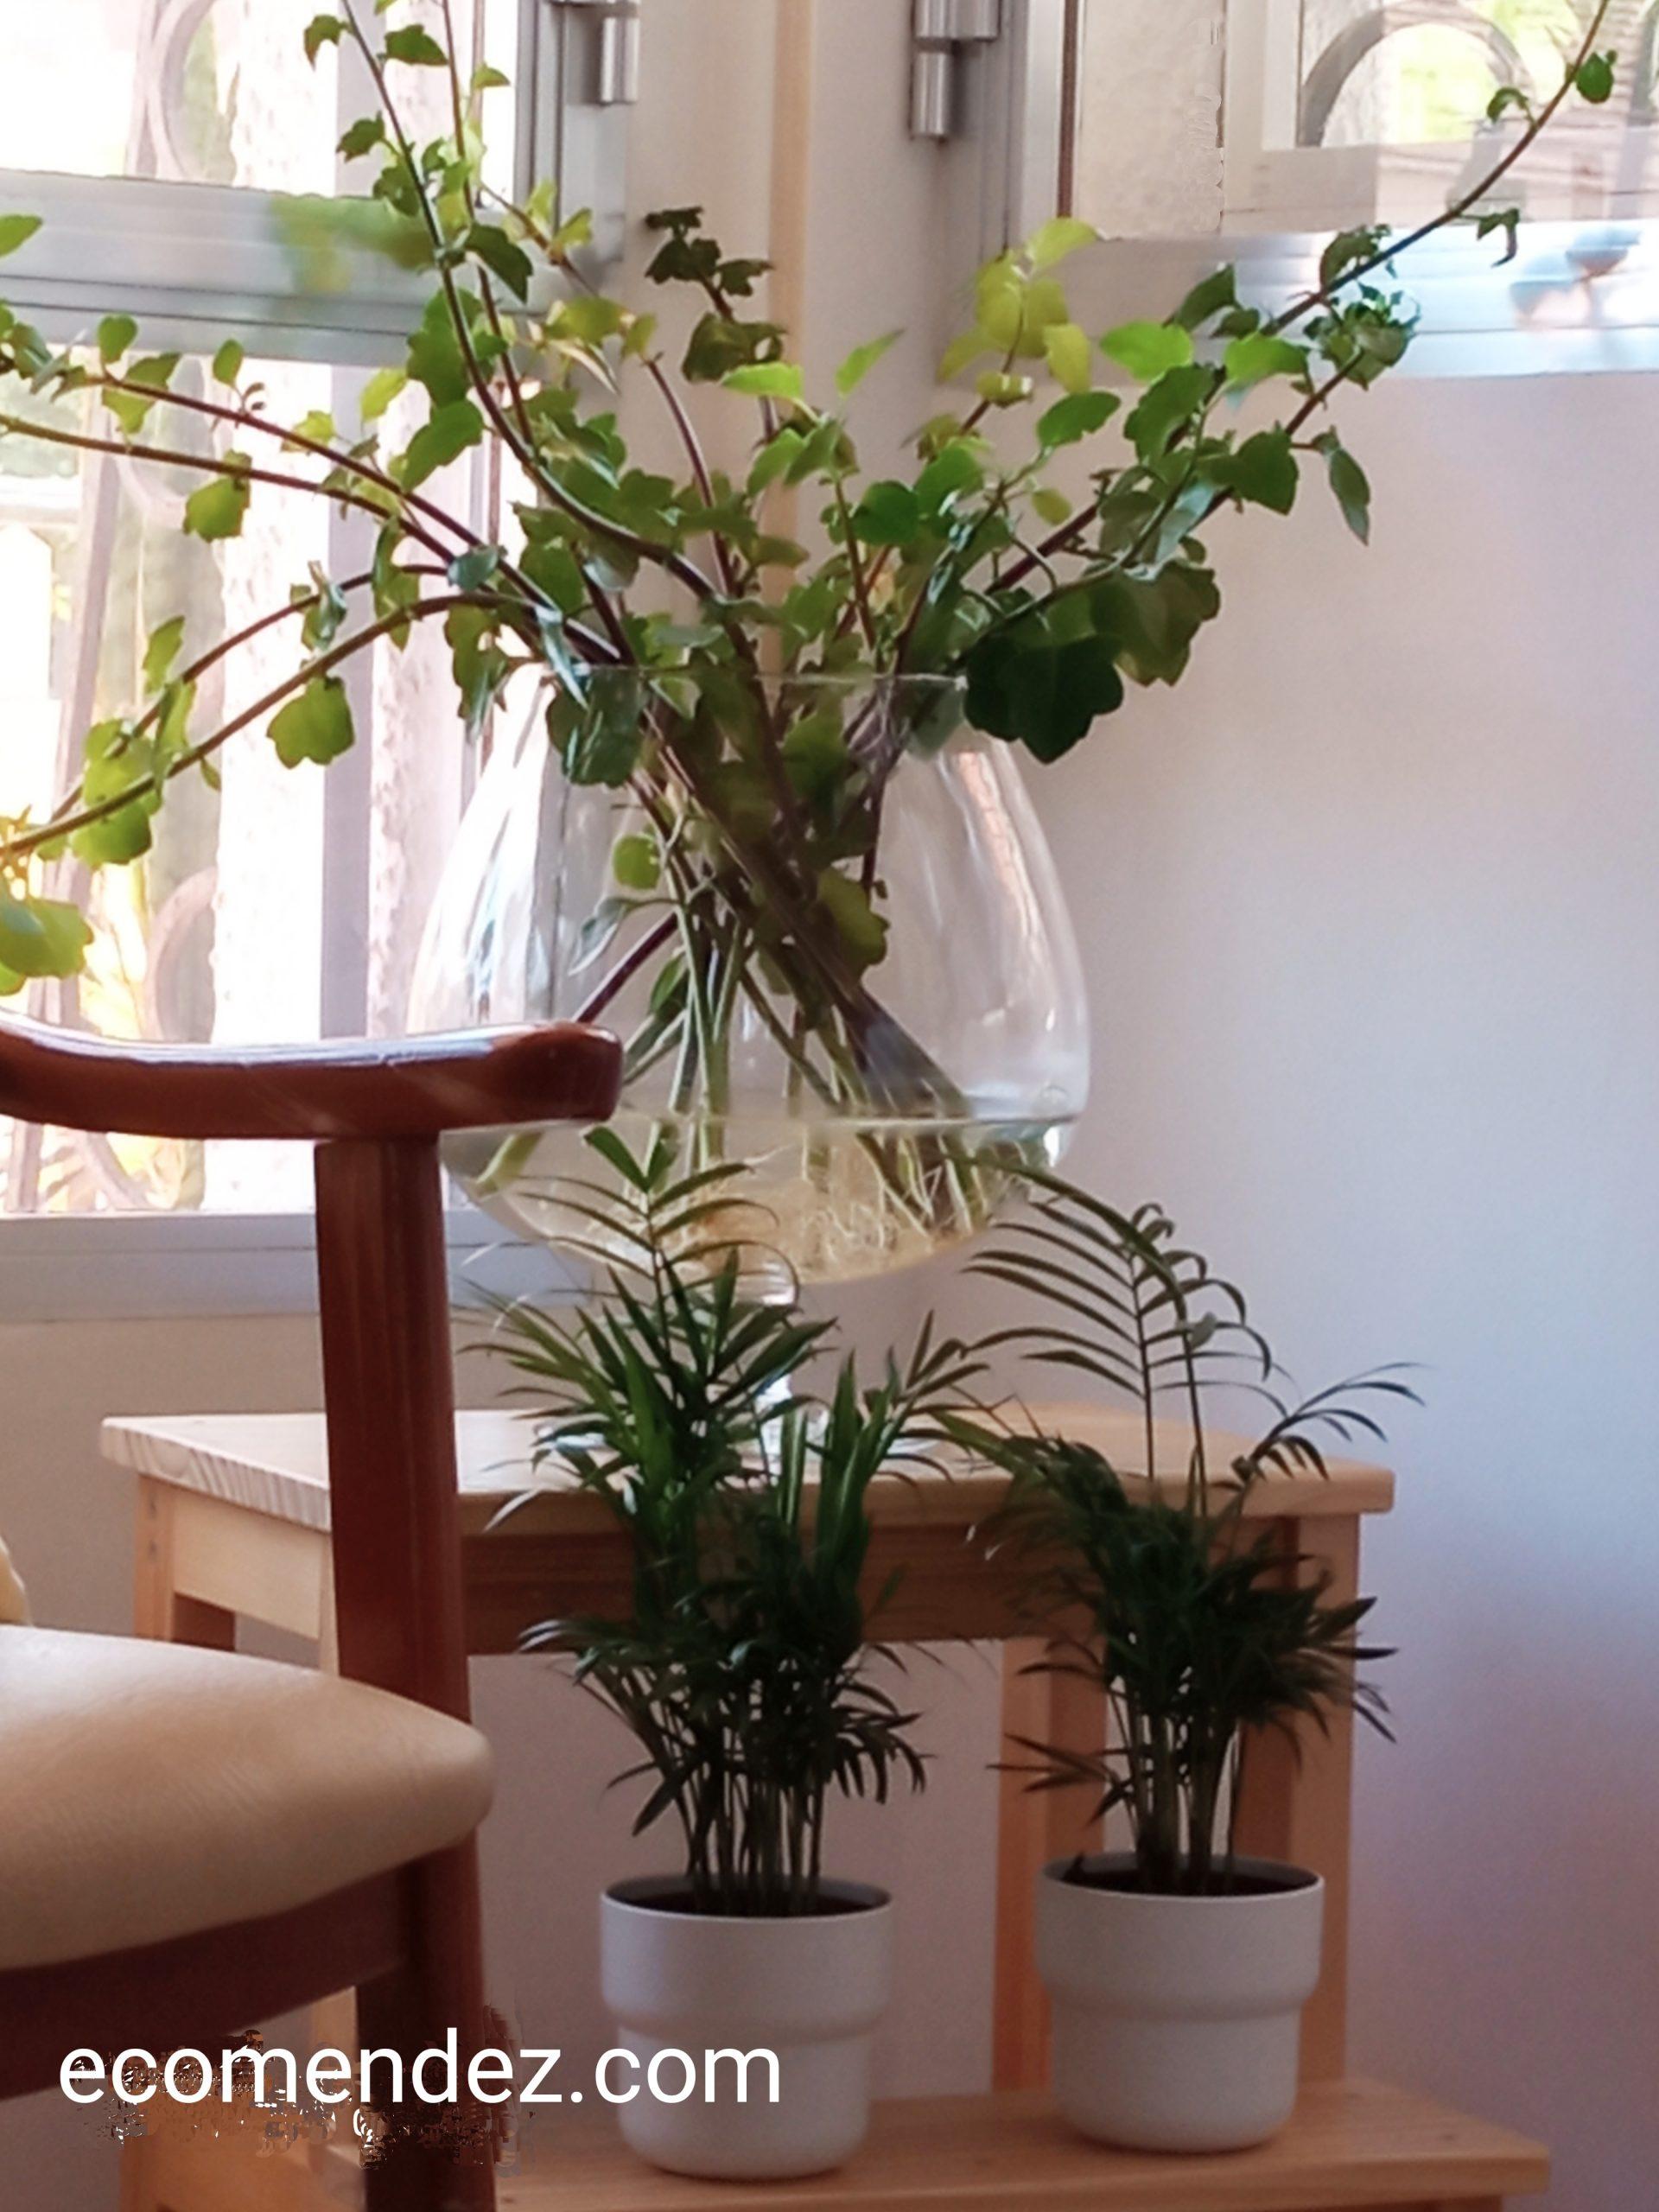 eco-decoración